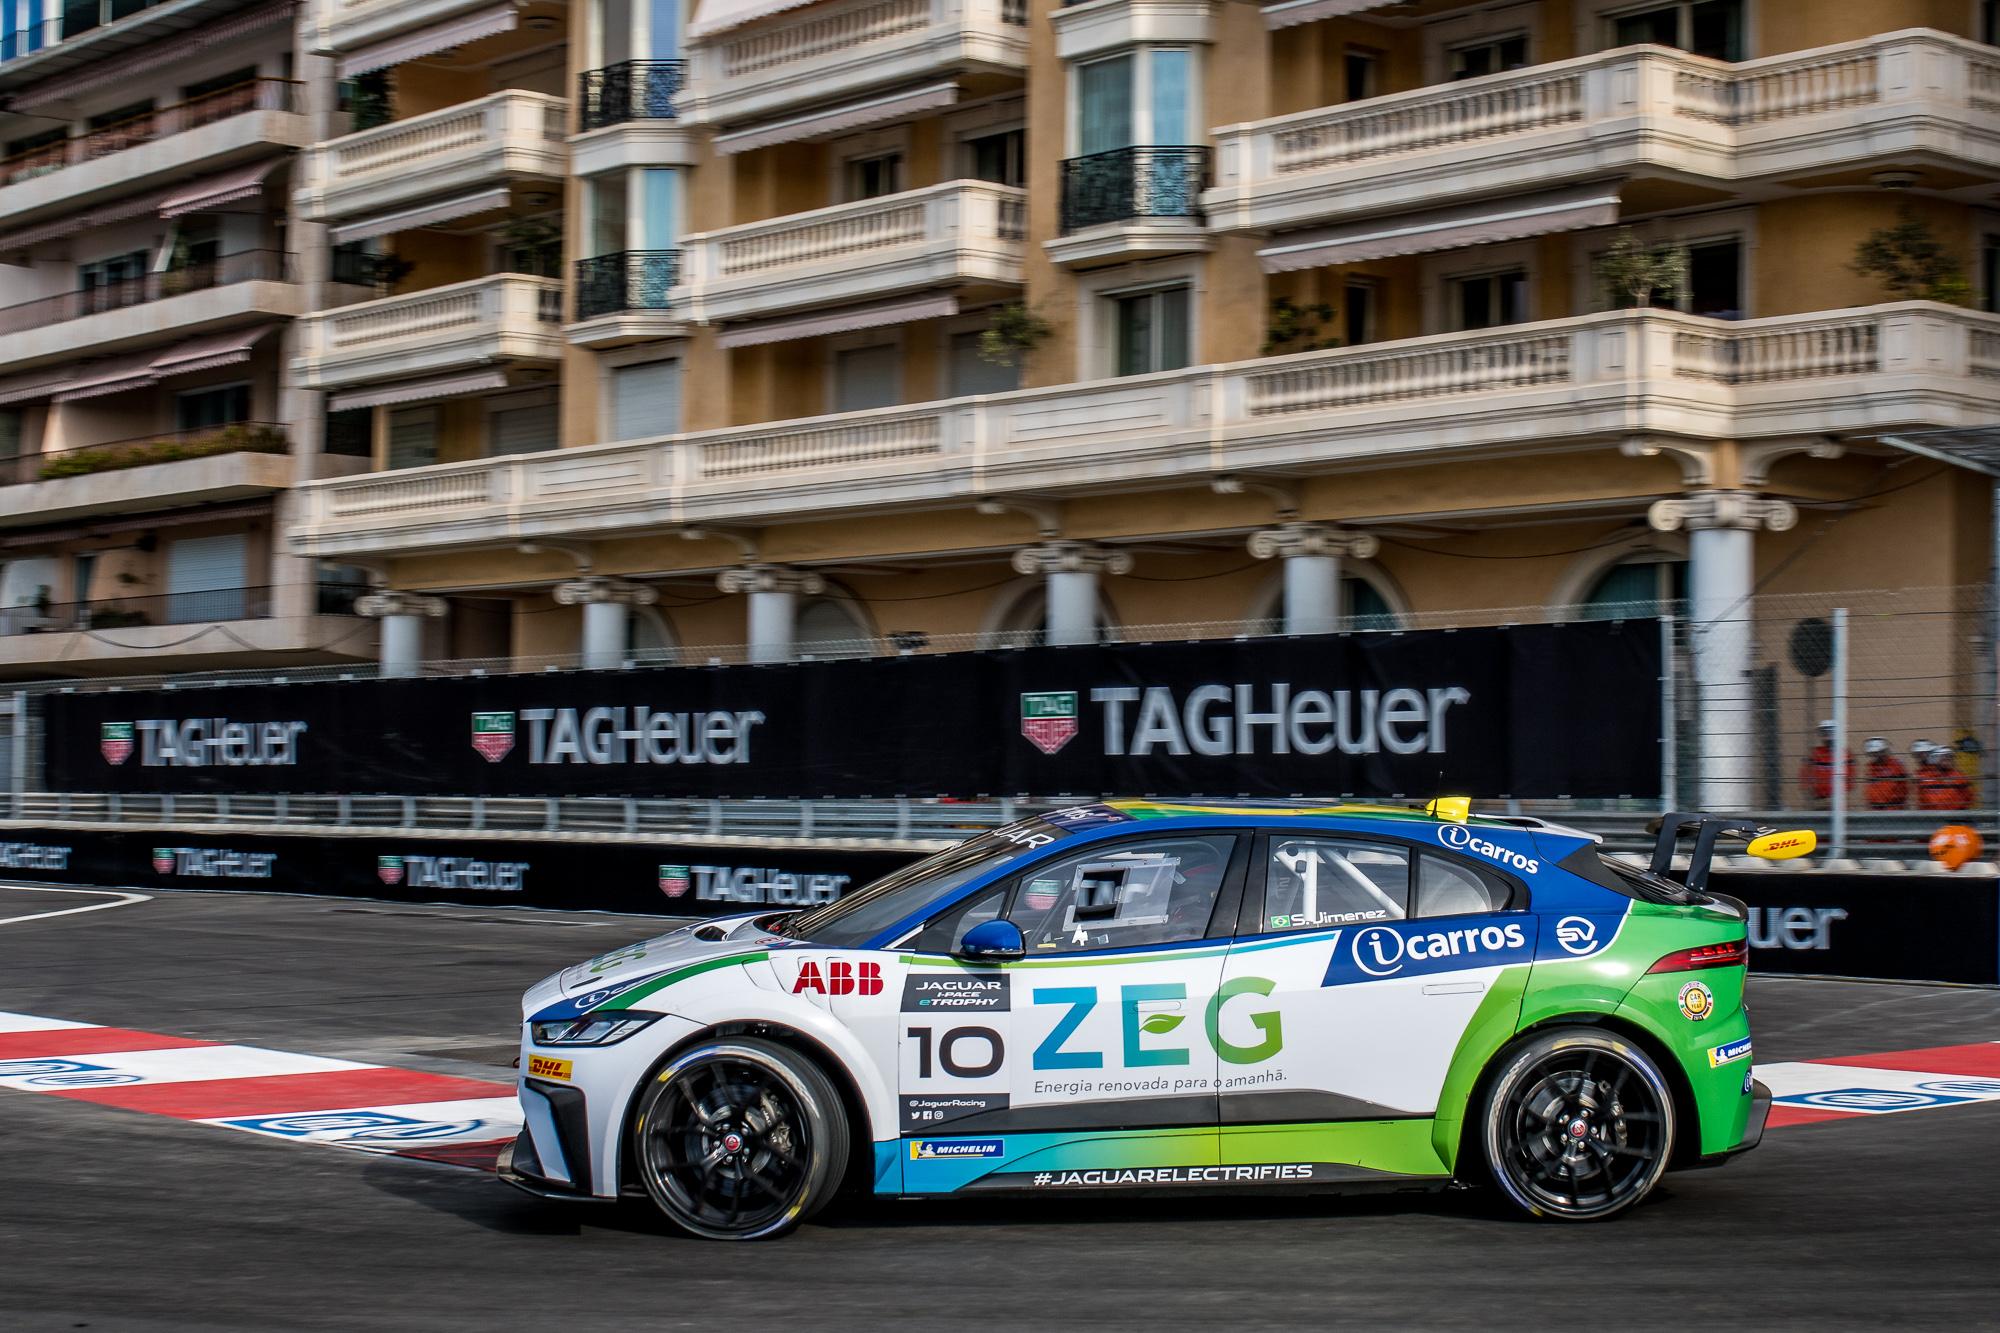 Jaguar_7.Monaco_josemariodias_02025